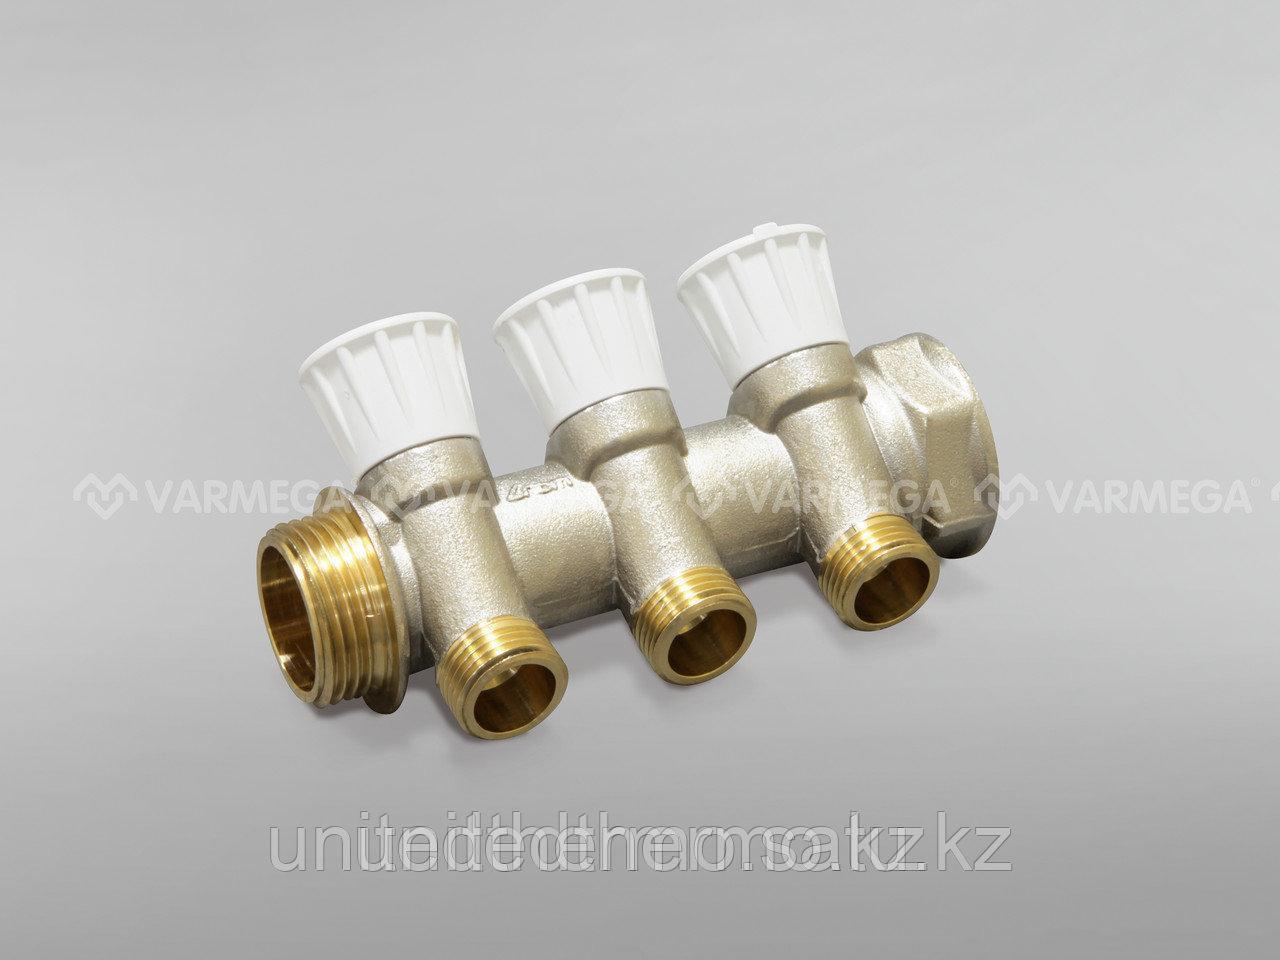 """Коллектор с регулирующими вентилями для водоснабжения с выходами Varmega, 1""""x2"""